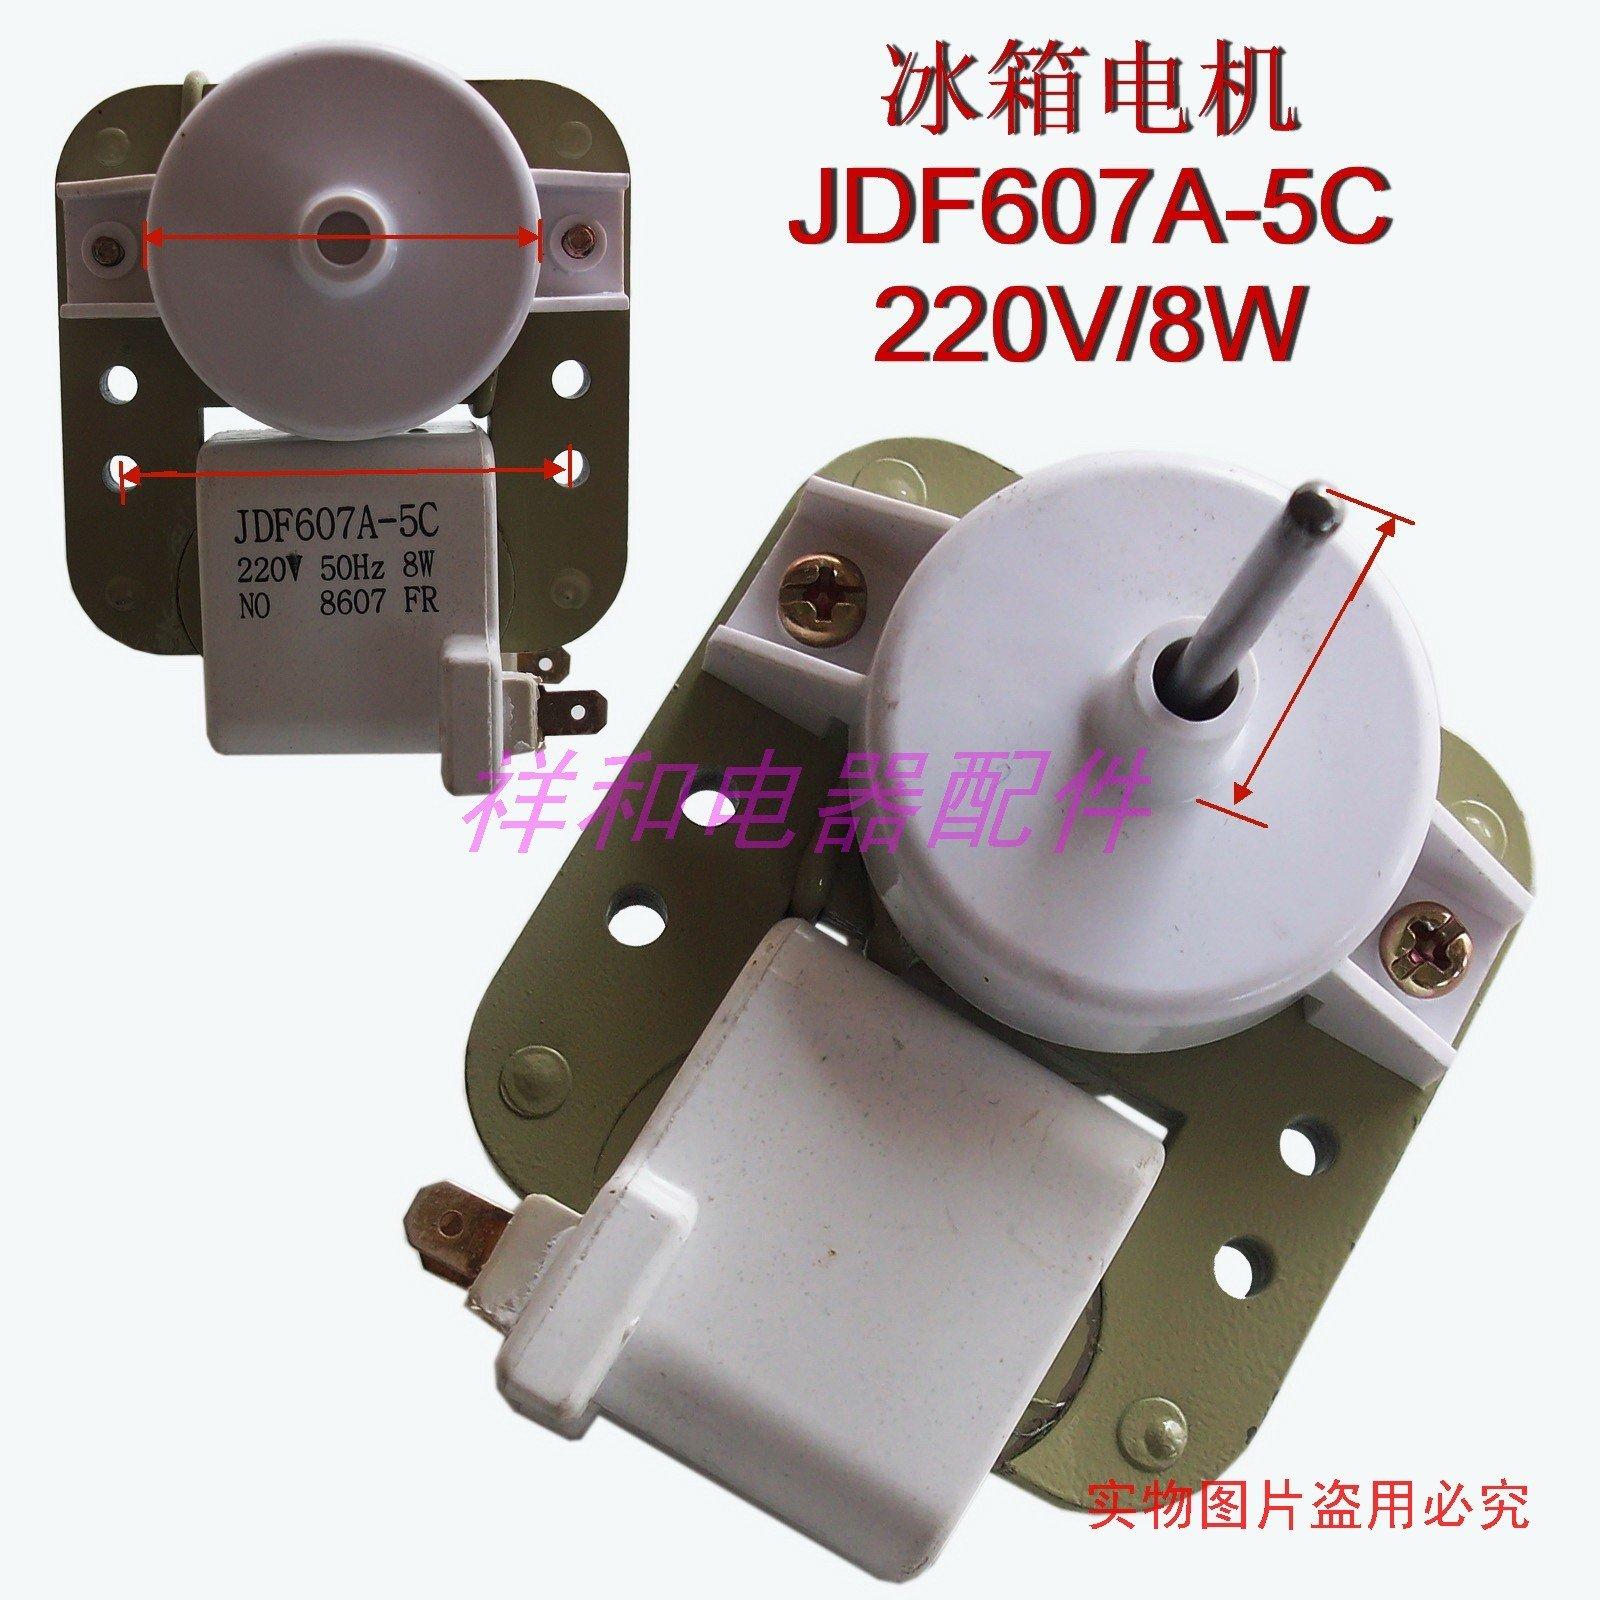 купить Refrigerator parts super thin refrigerator fan motor  refrigerator cooling motor JDF607A-5C недорого